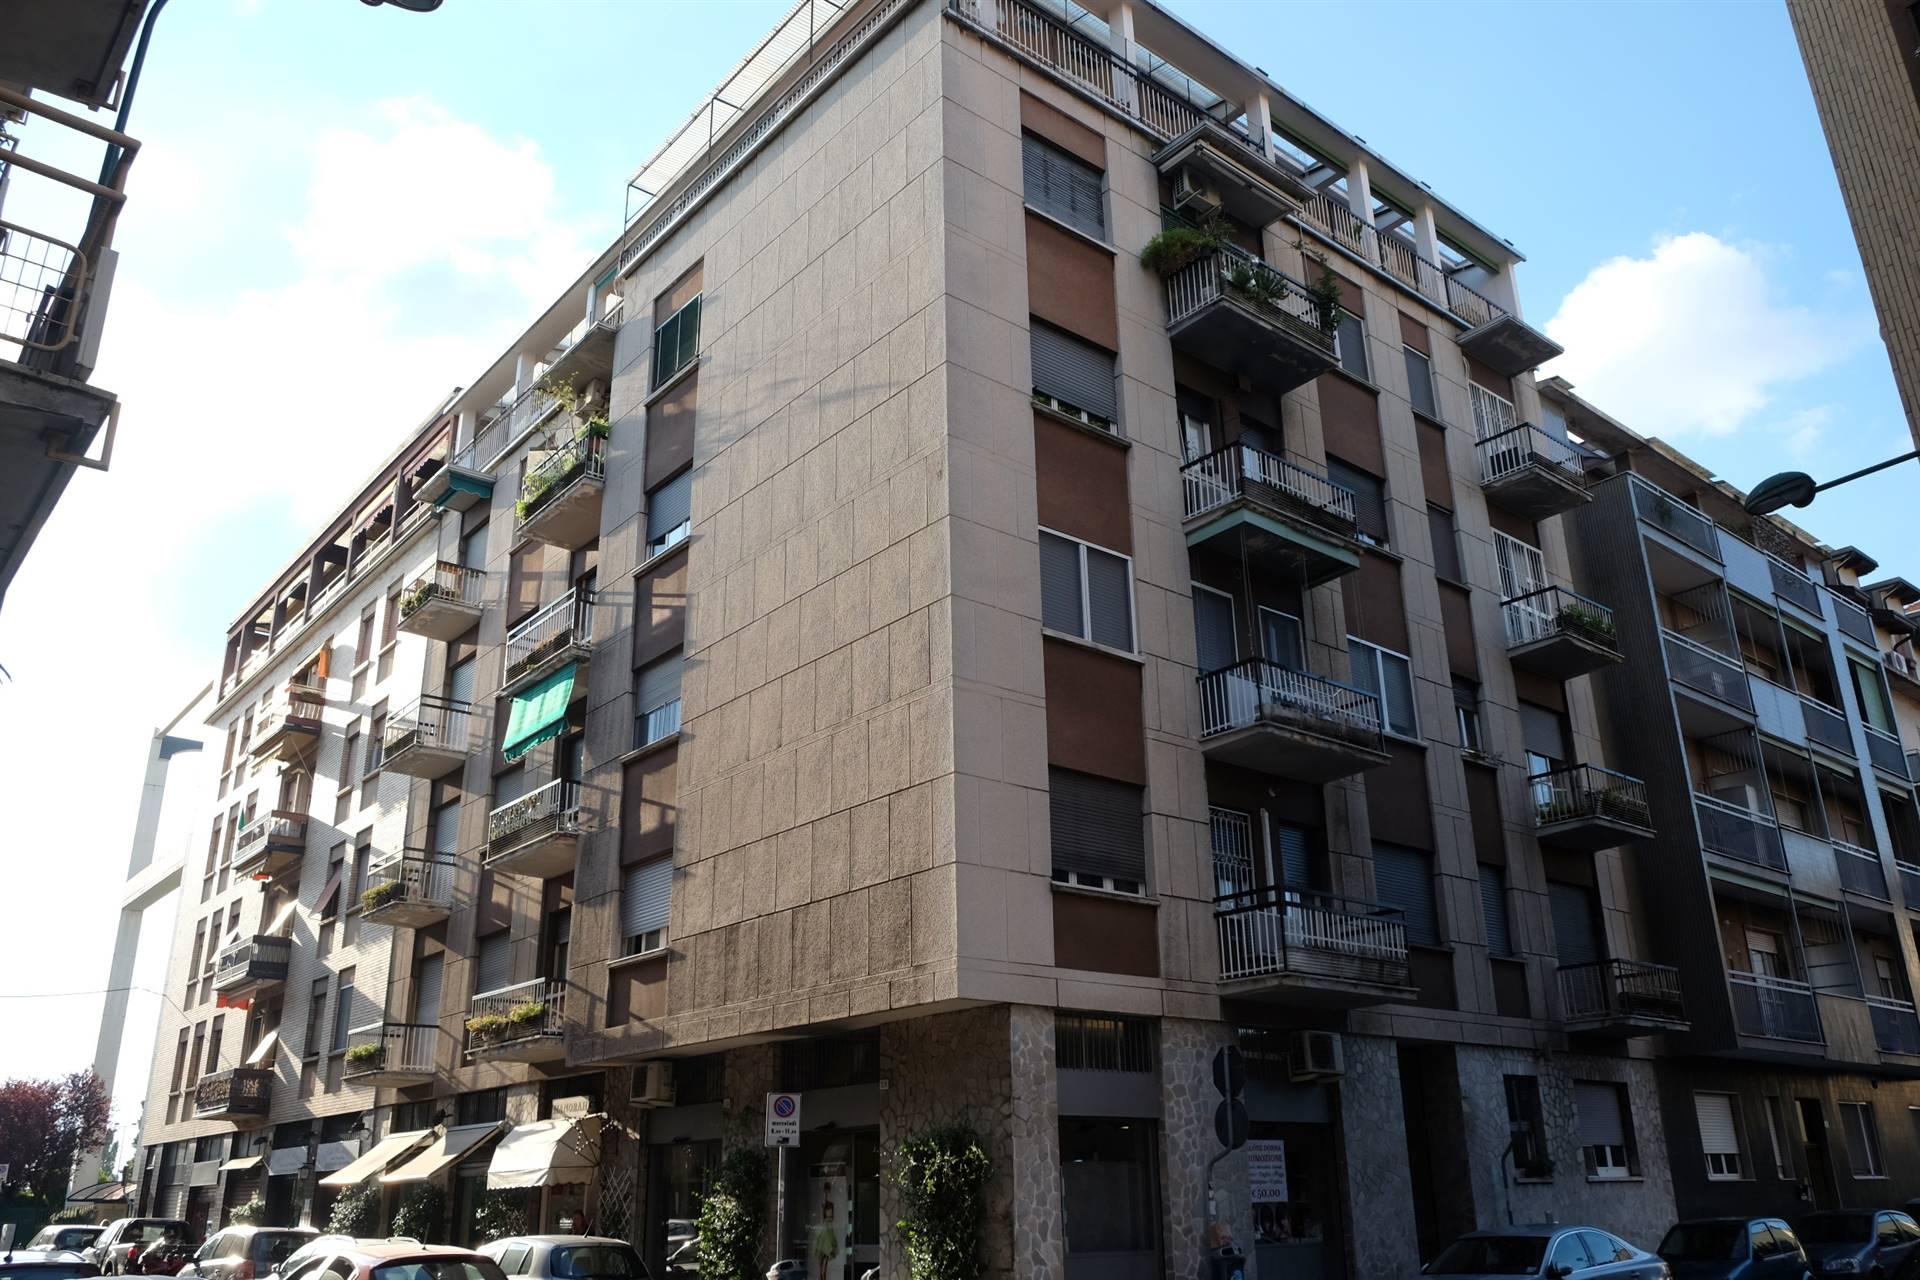 Appartamento in vendita a Sesto San Giovanni, 3 locali, prezzo € 235.000 | PortaleAgenzieImmobiliari.it